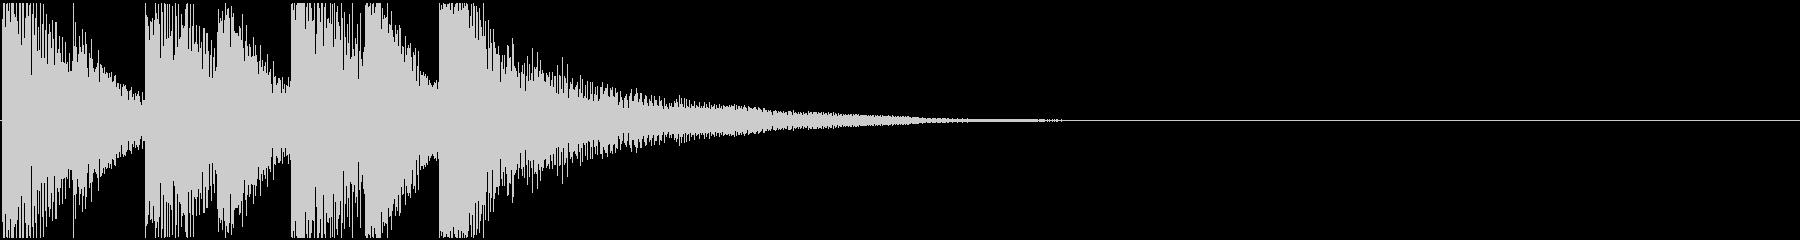 ゲームクリア! かわいらしい ジングル2の未再生の波形